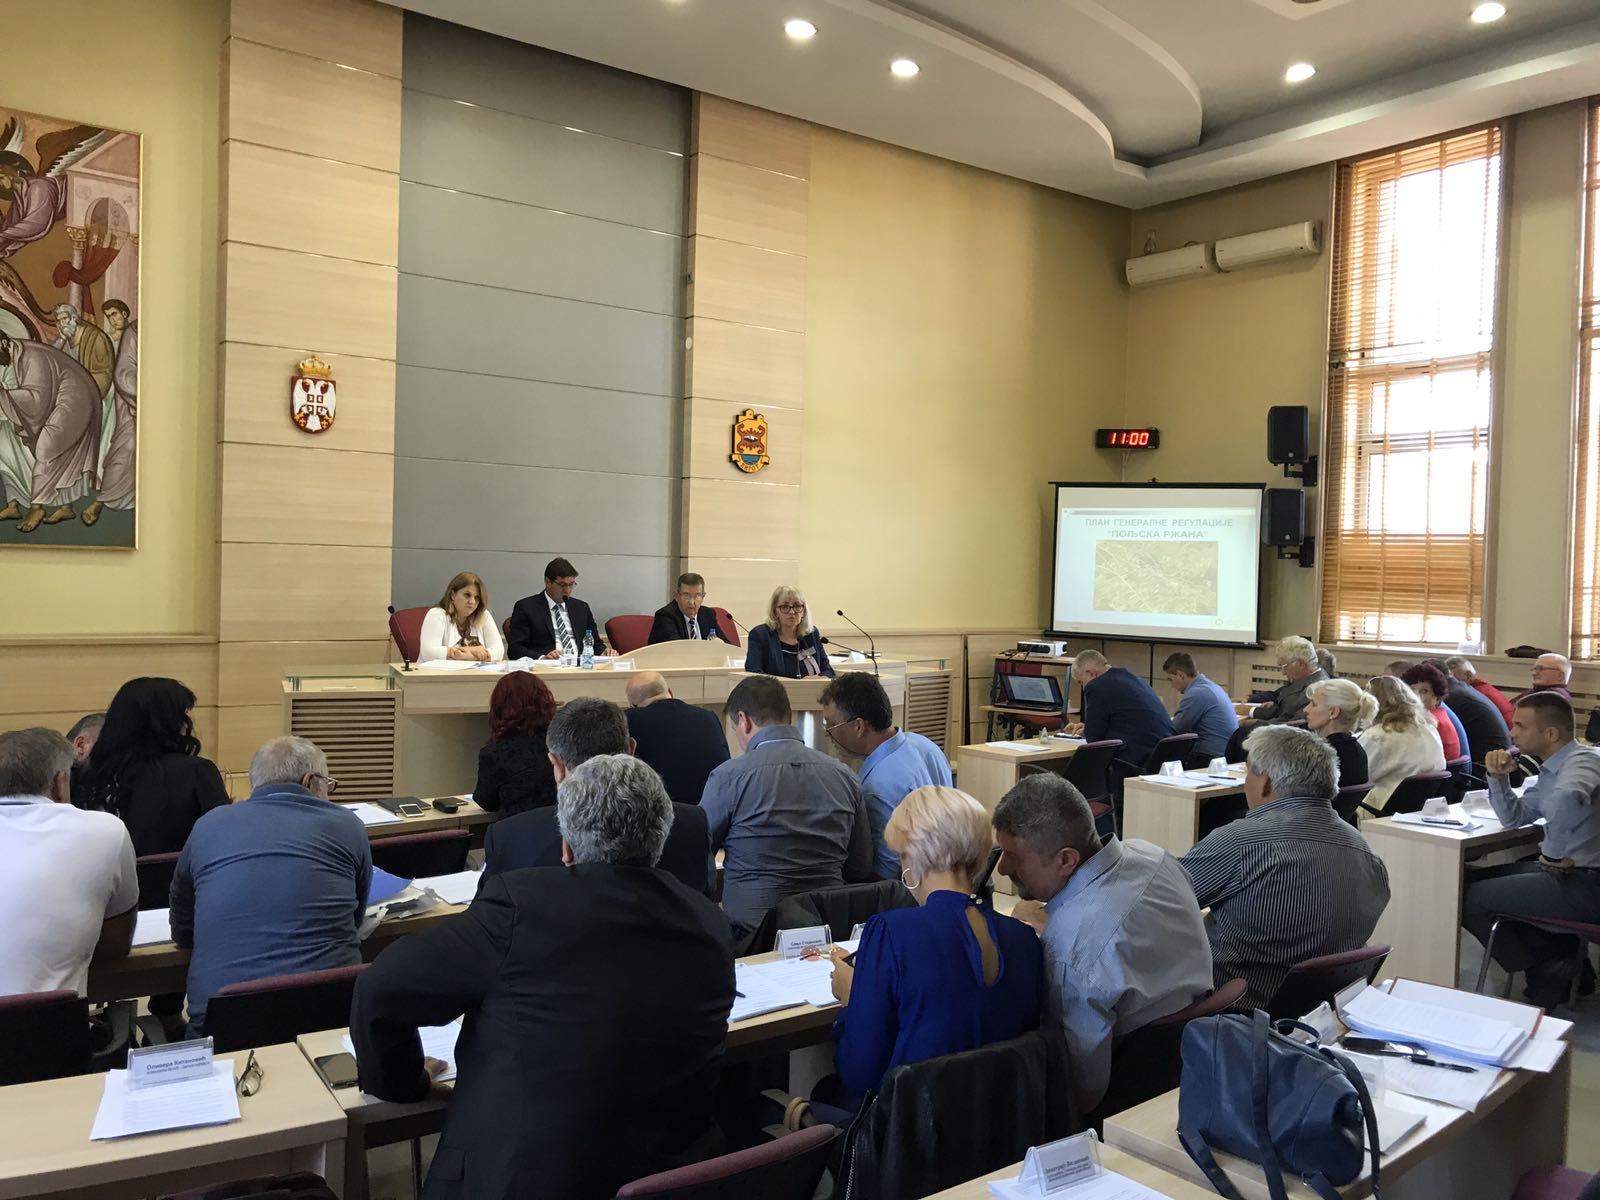 Photo of PIROT TRAŽI MORATORIJUM za MHE! Skupština Grada Pirota usvojila odluku o BRISANJU lokacija za MHE